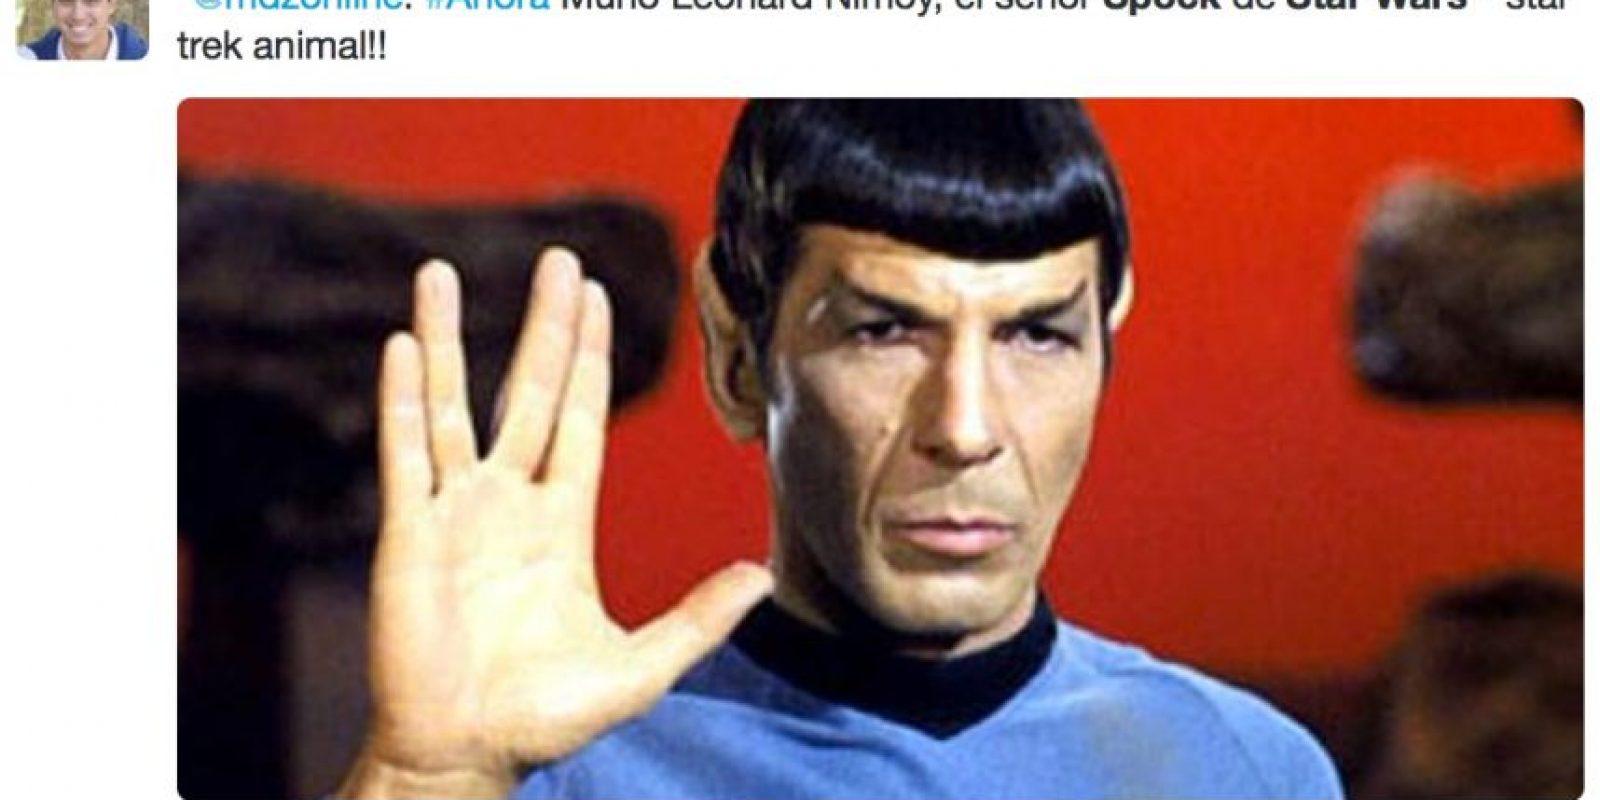 """Quizás por considerarlo """"cosas de nerds"""" de una manera prejuiciosa y despectiva o por puro desconocimiento, muchos cometen errores garrafales con respecto a Leonard Nimoy, el legendario """"Dr. Spock"""", en estos momentos. Foto:Twitter"""